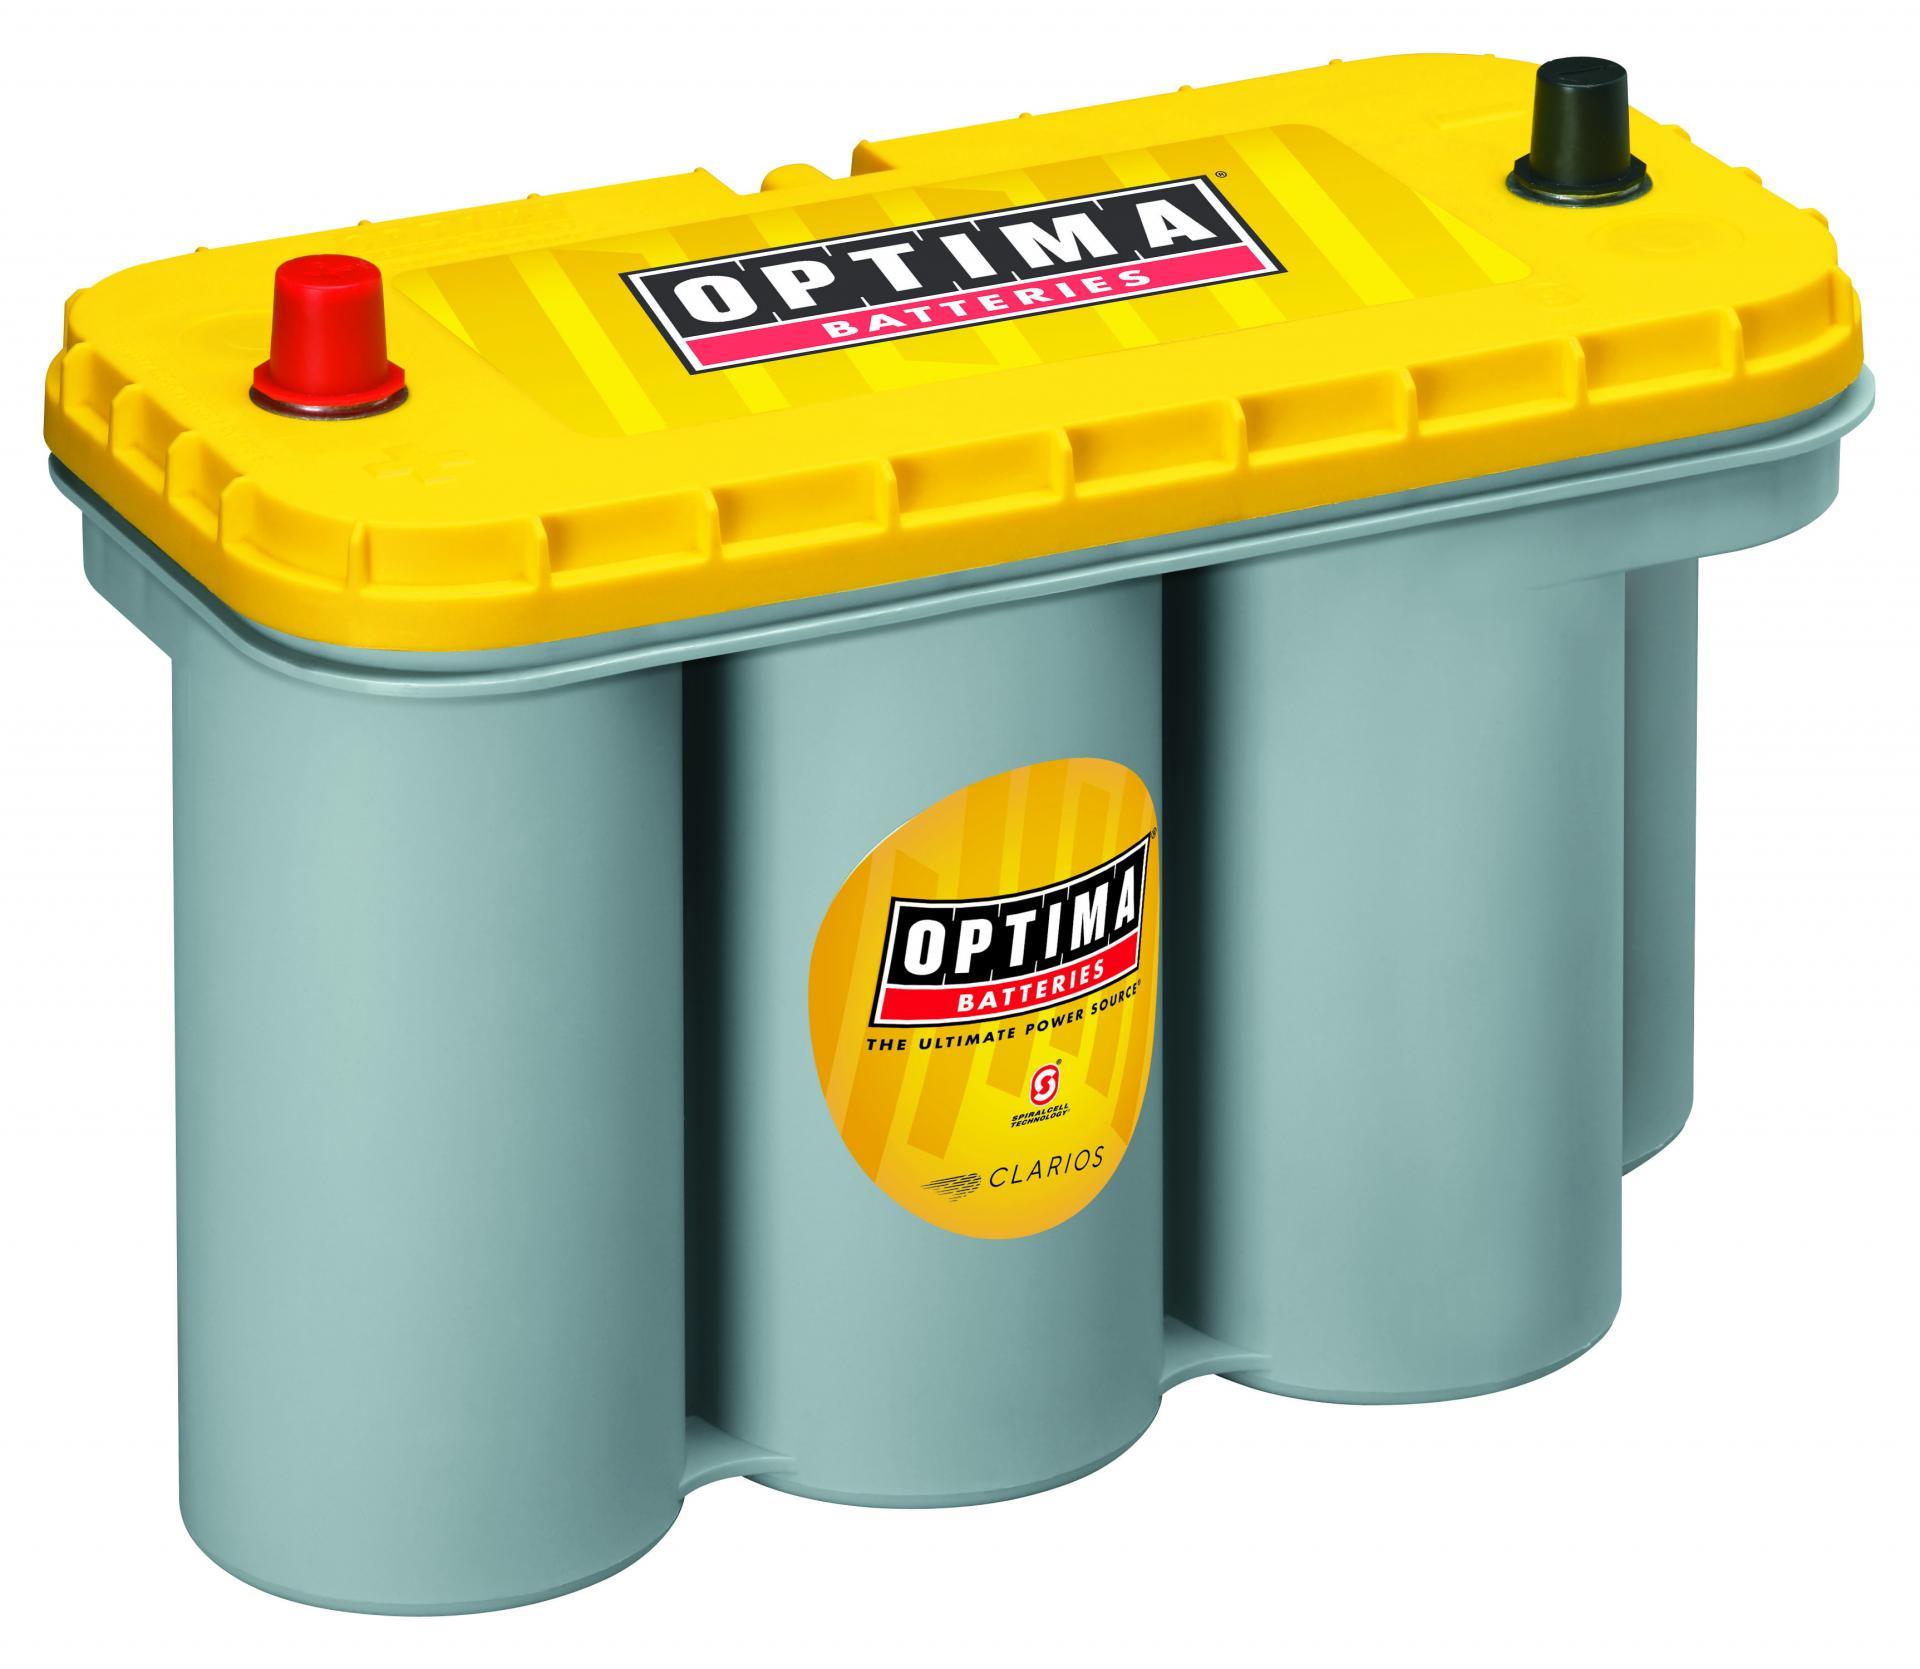 Batería Optima YTS 5.5 Yellow Top 75ah 975A